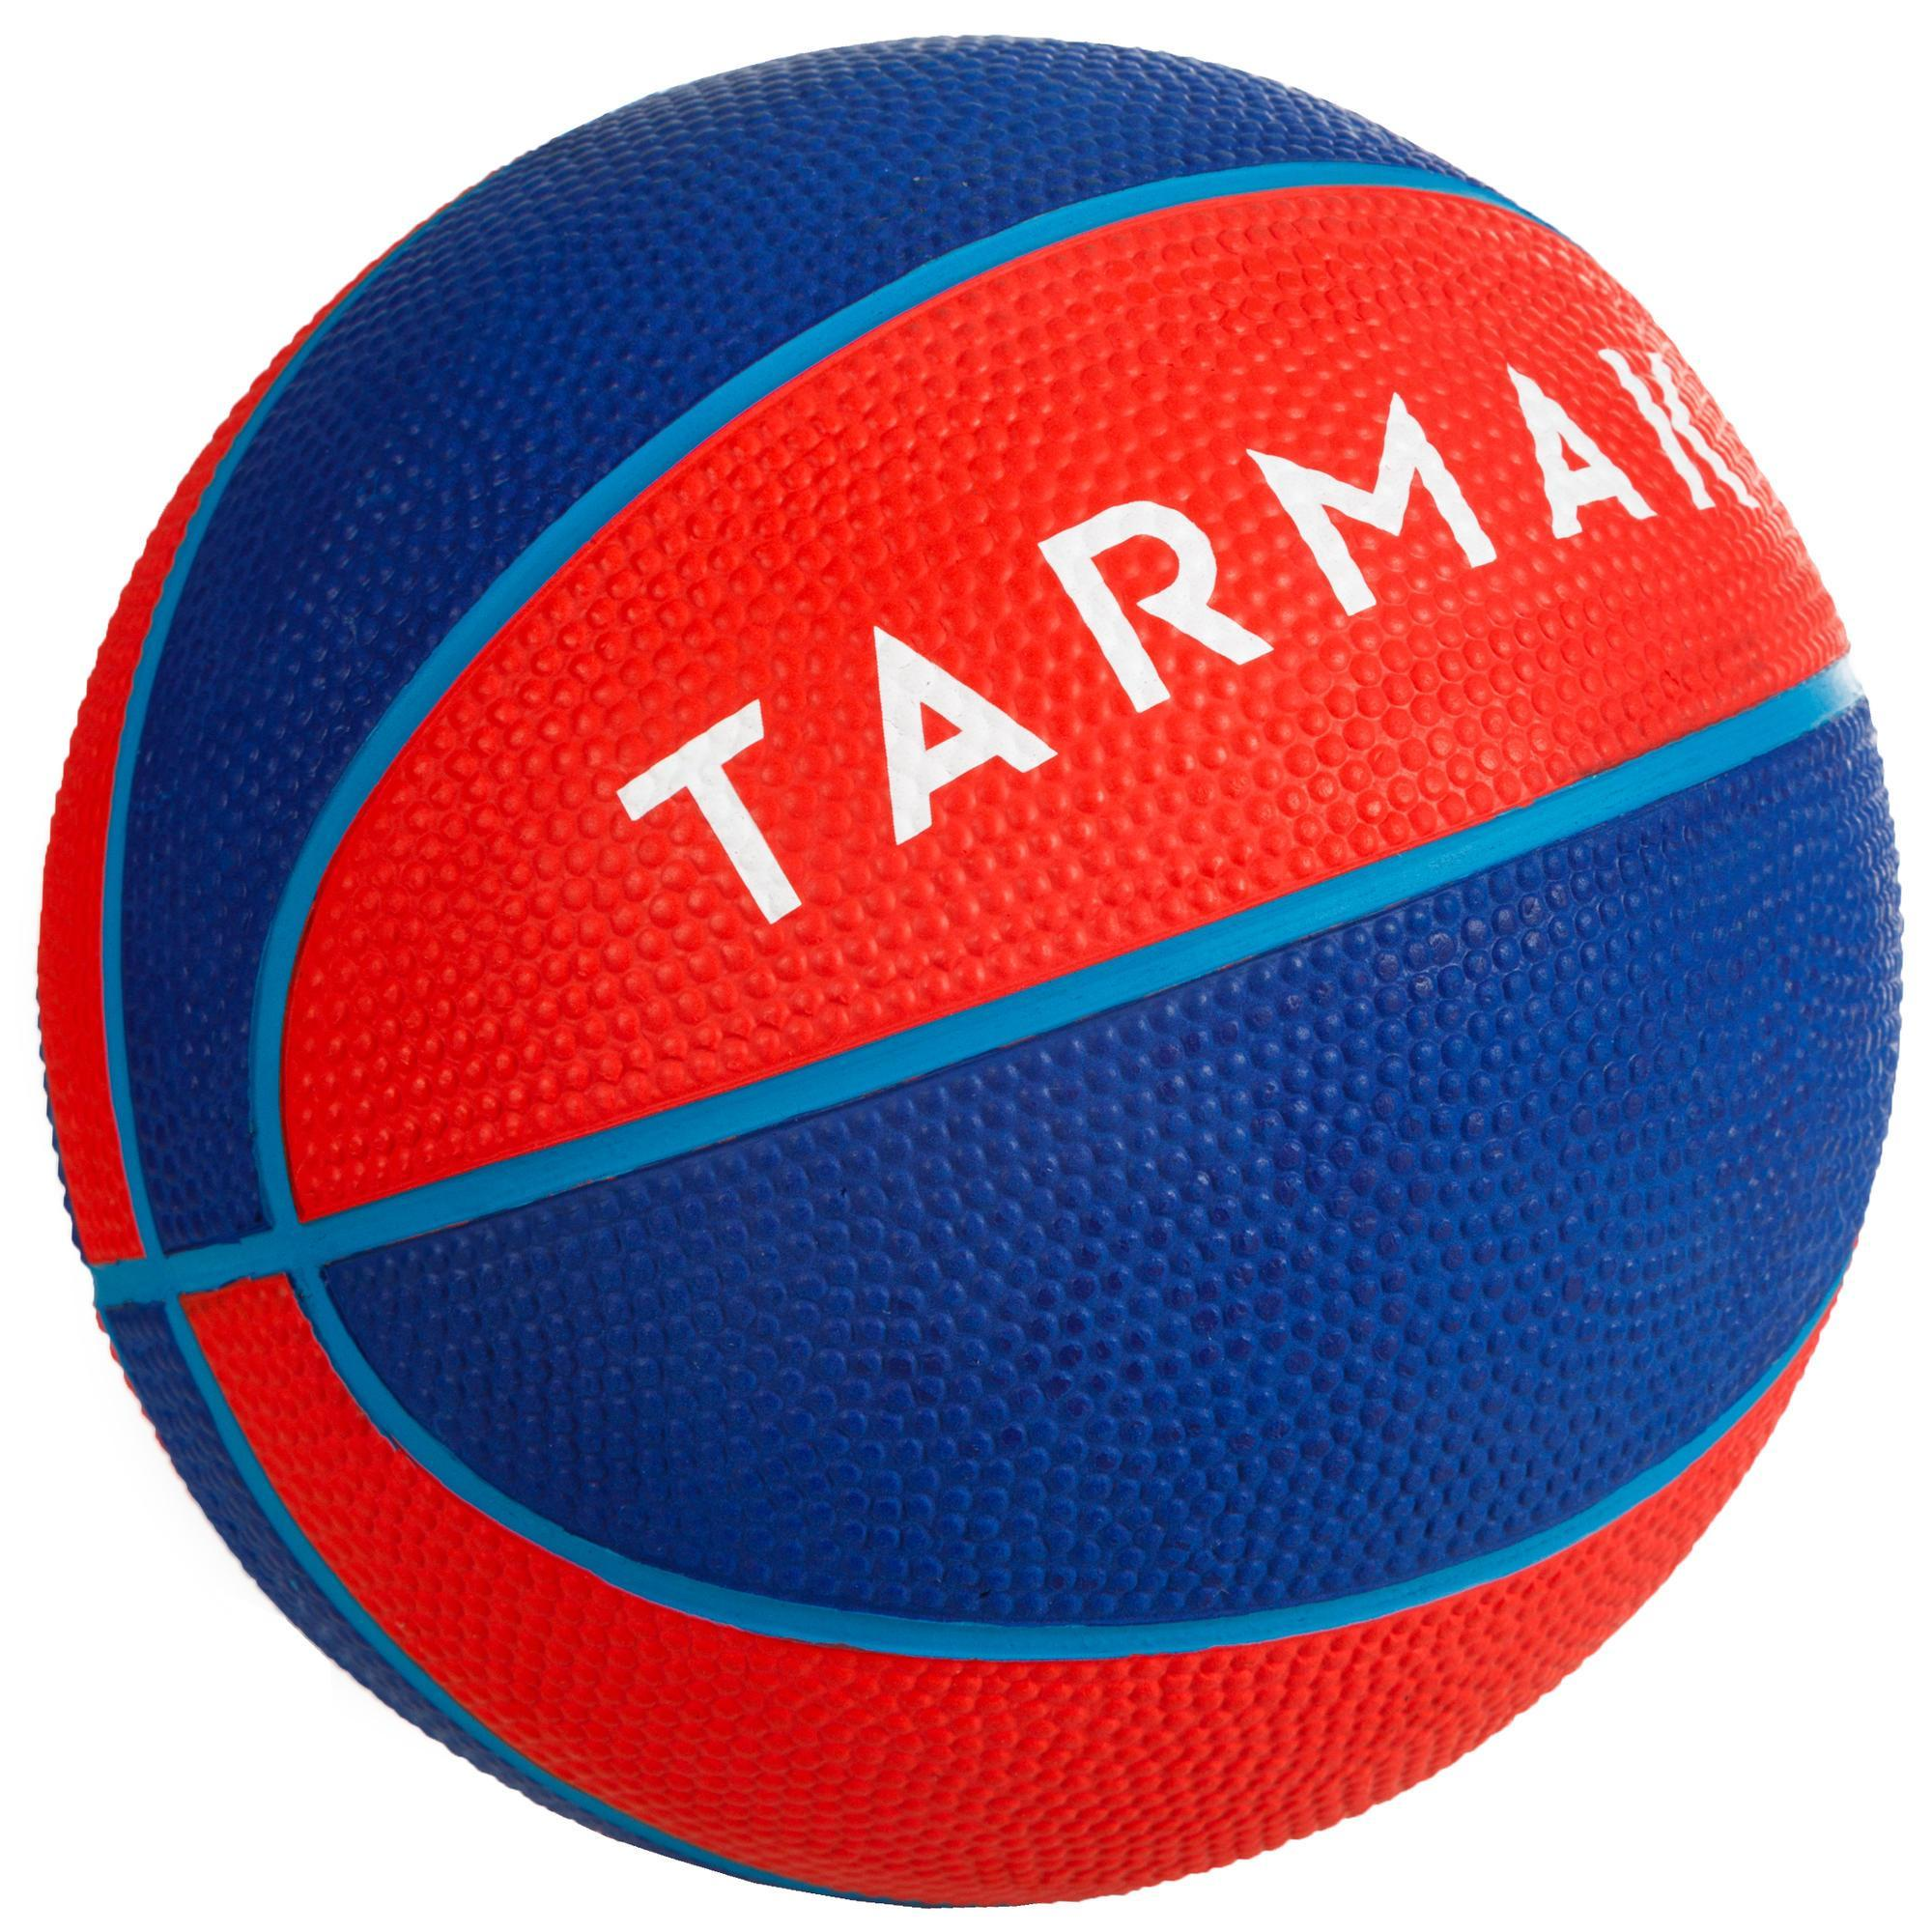 Tarmak Minibasketbal Mini B maat 1 voor kinderen. Tot 4 jaar. Rood